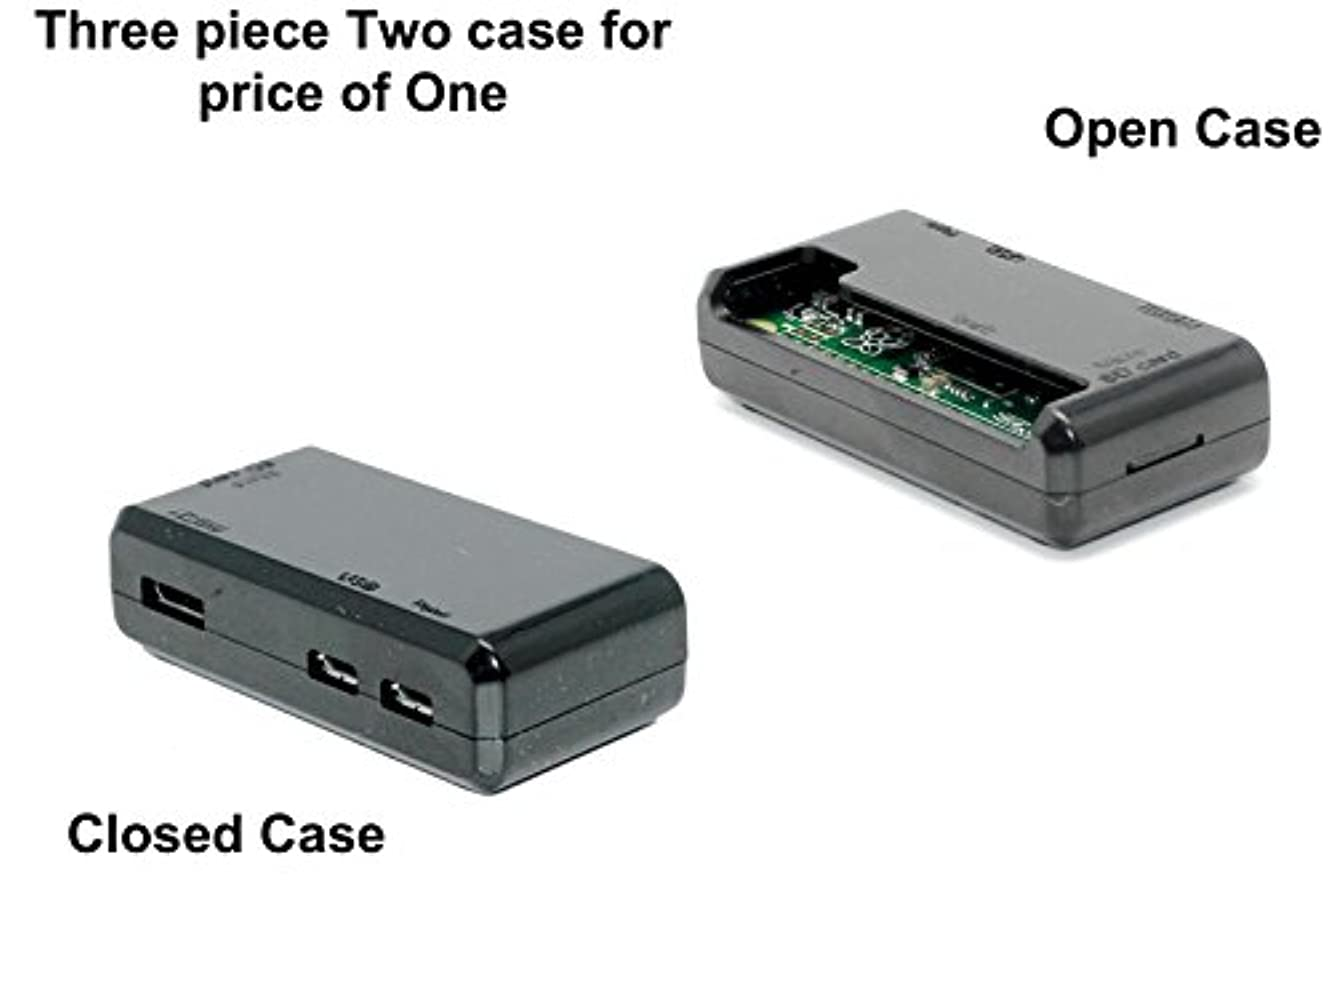 軌道船乗り能力SB高品質のRaspberry Pi Zeroケース‐「すべてのポートへアクセス」を30秒開け閉め装置 (ブラック)